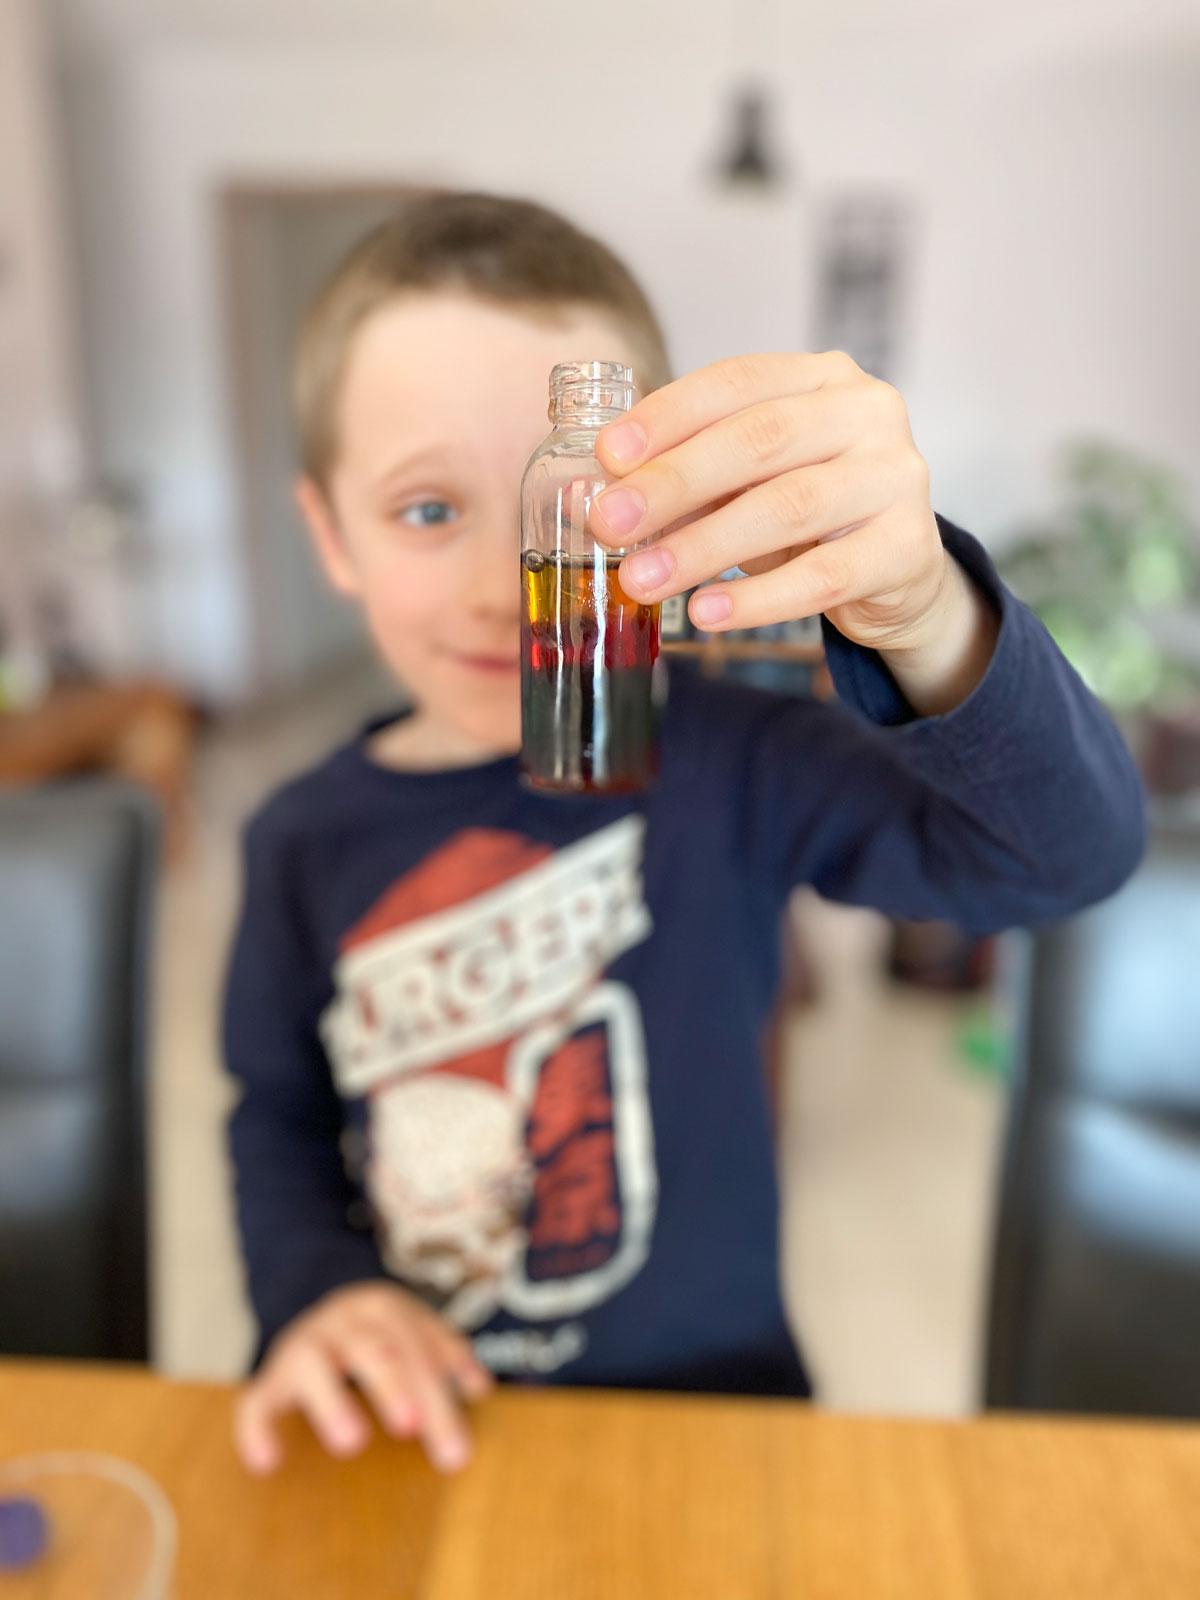 Activité scientifique enfant sur la densité de l'eau et du sucre